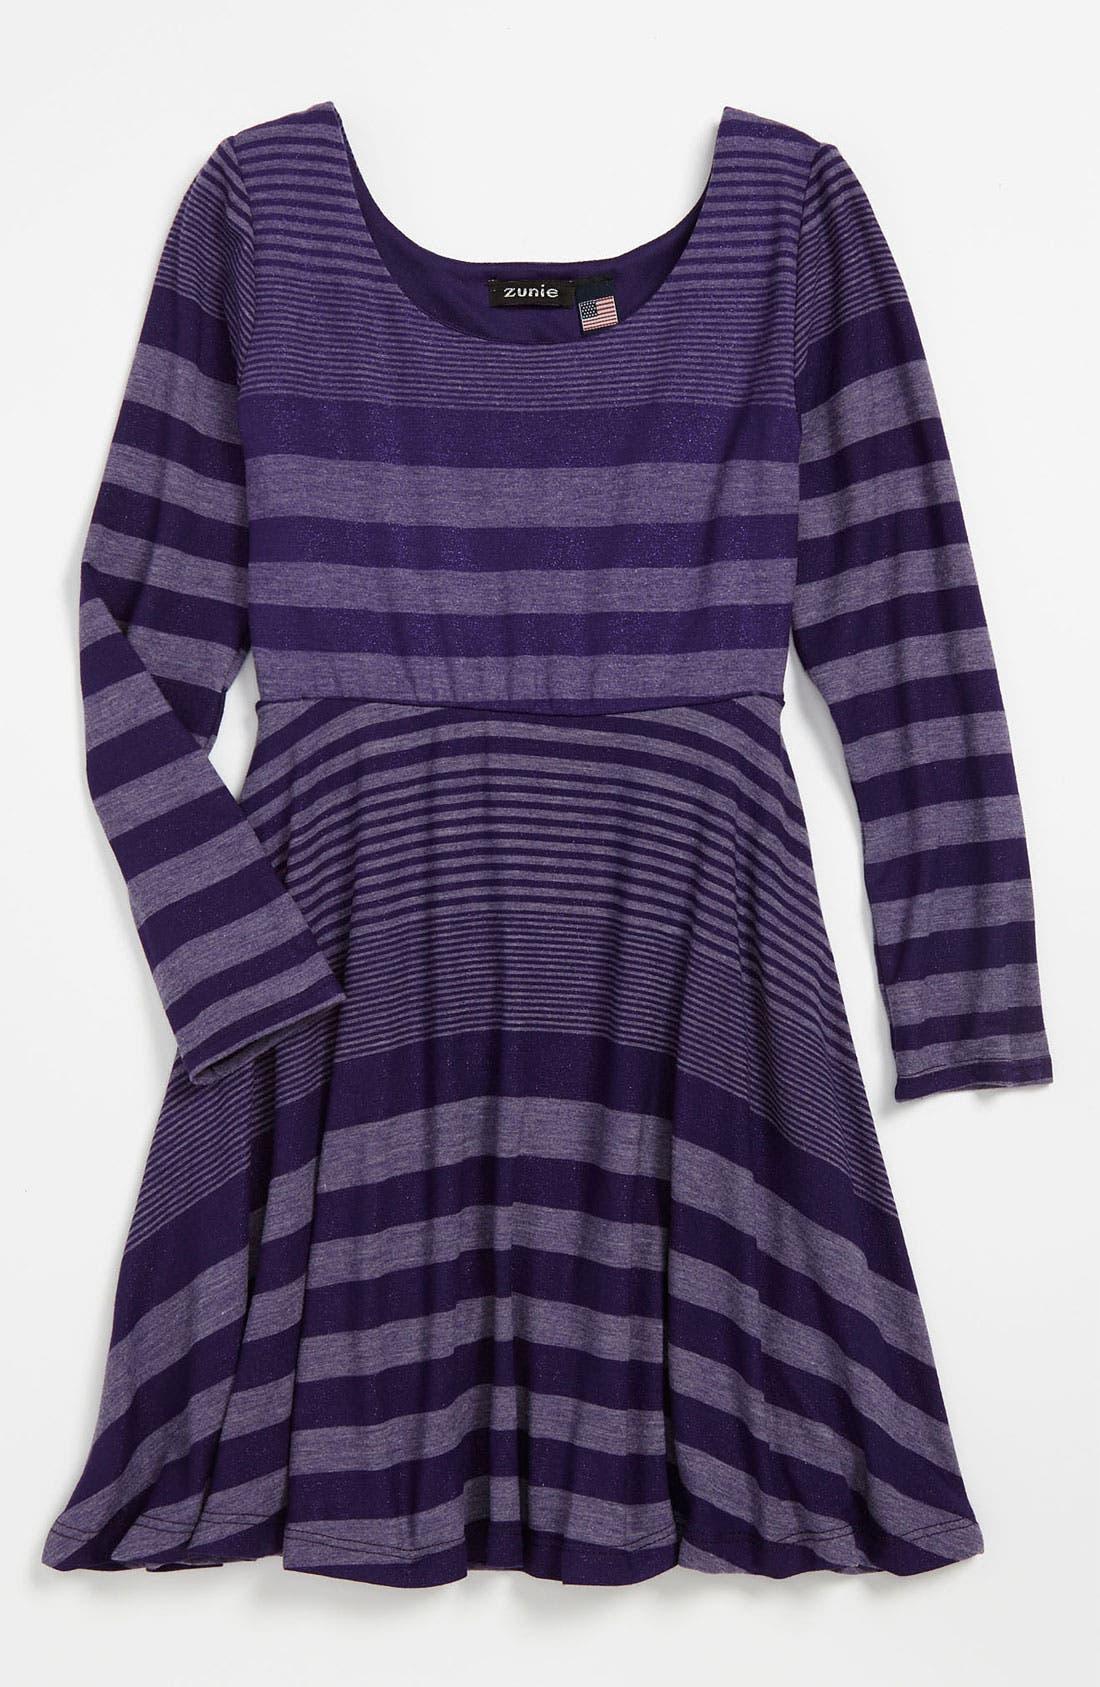 Main Image - Zunie 'Foil' Knit Dress (Little Girls)